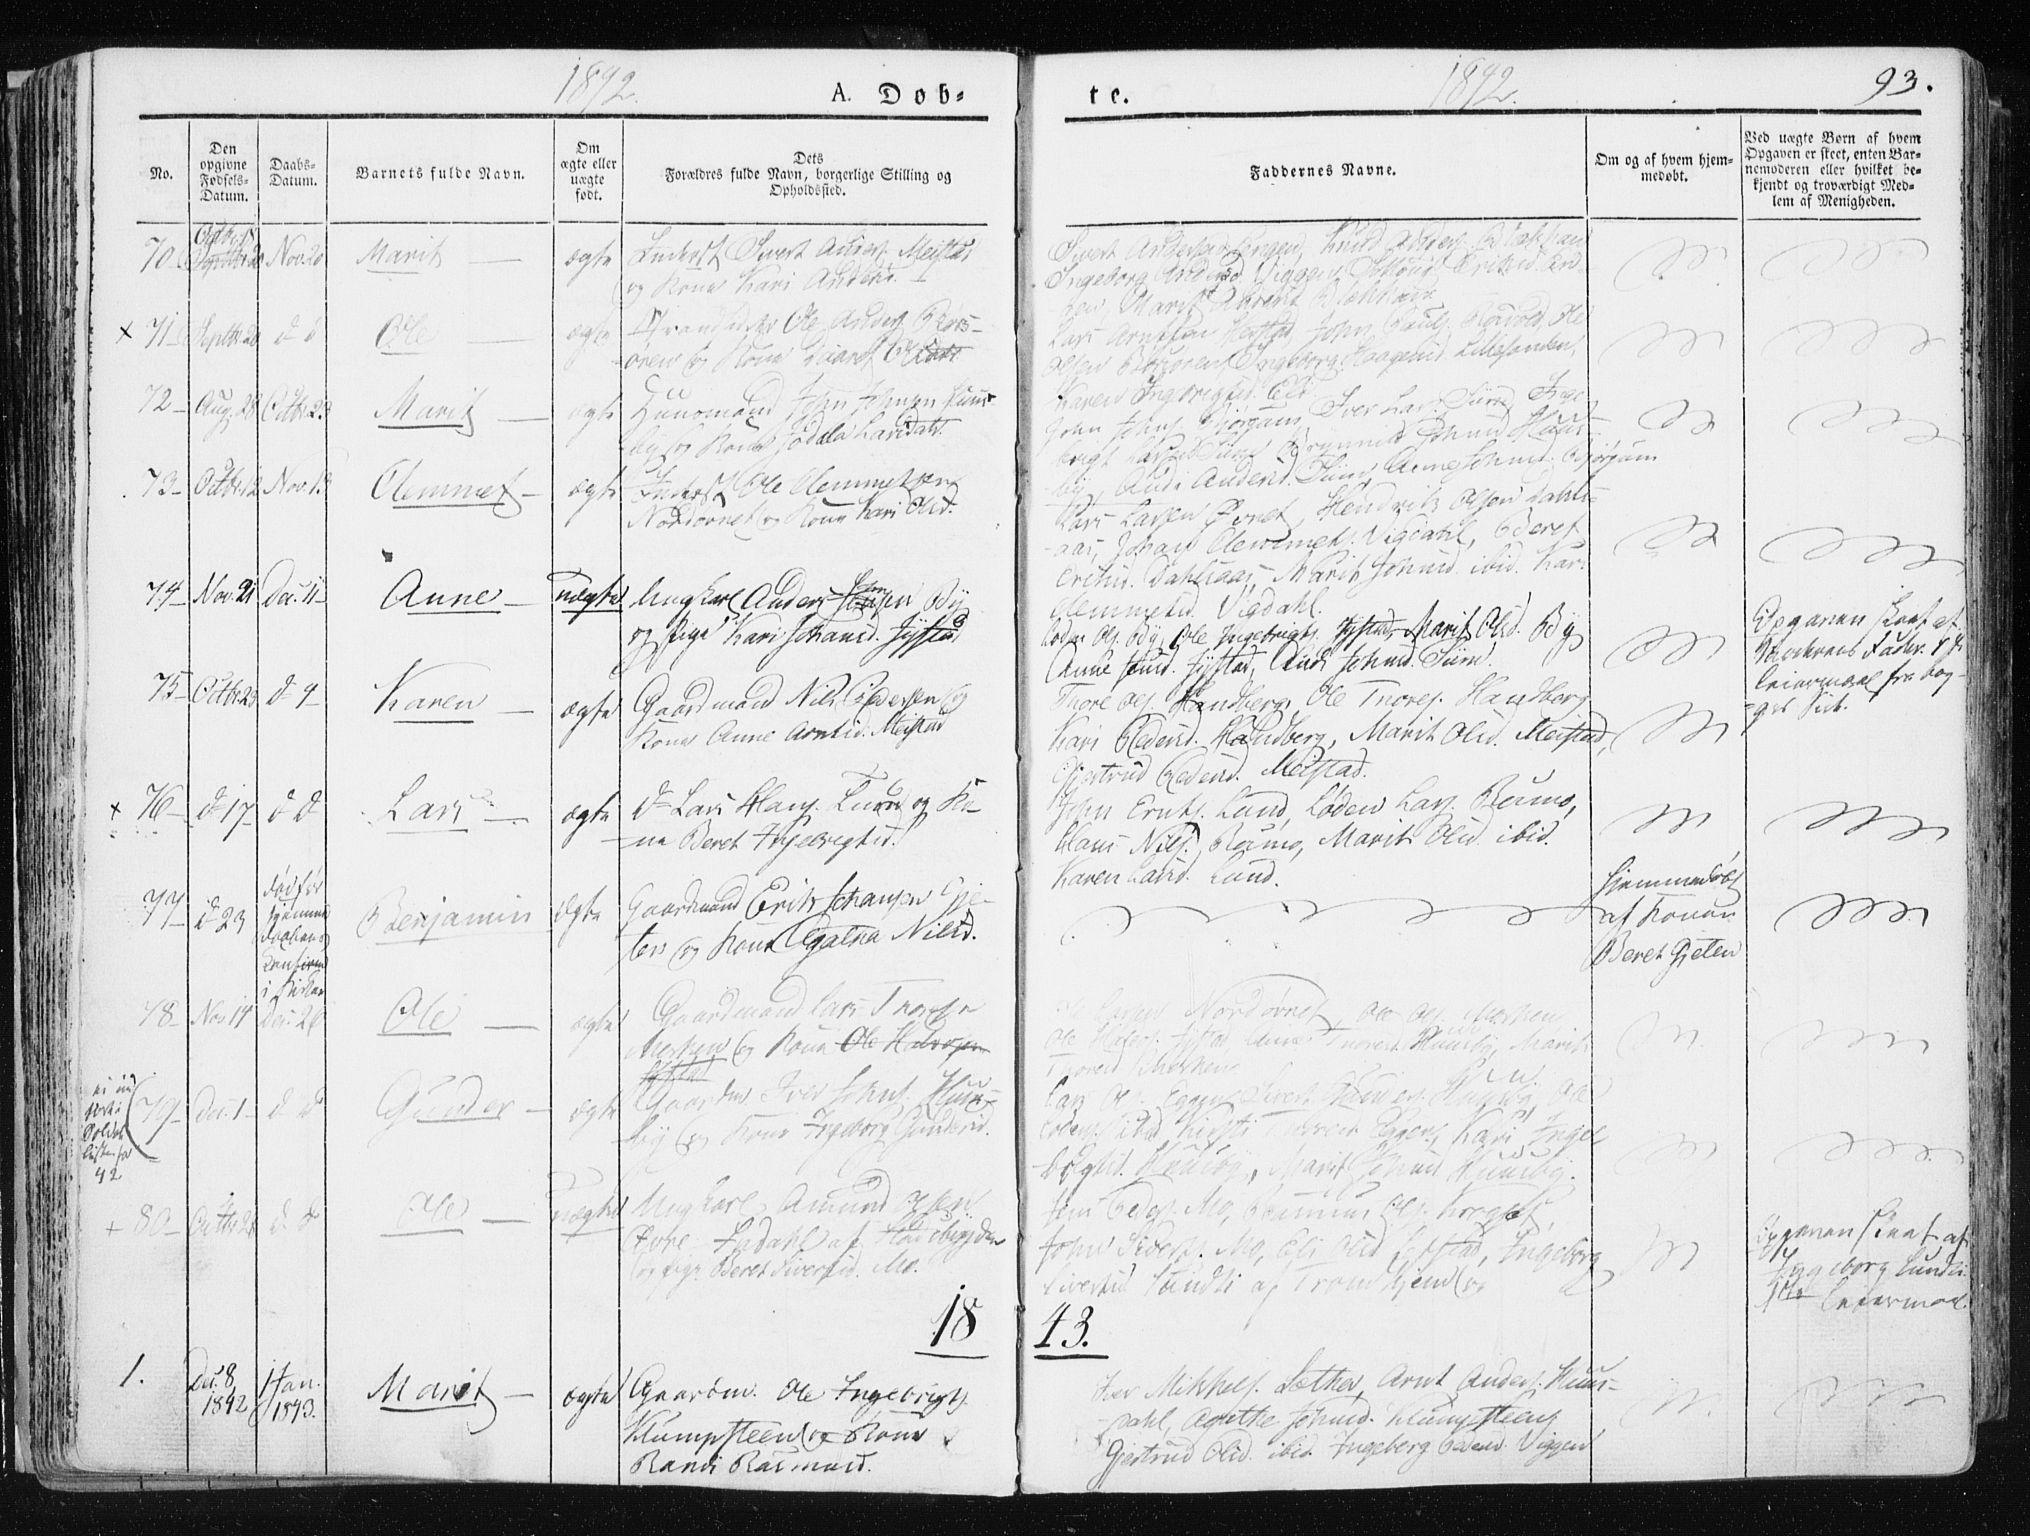 SAT, Ministerialprotokoller, klokkerbøker og fødselsregistre - Sør-Trøndelag, 665/L0771: Ministerialbok nr. 665A06, 1830-1856, s. 93